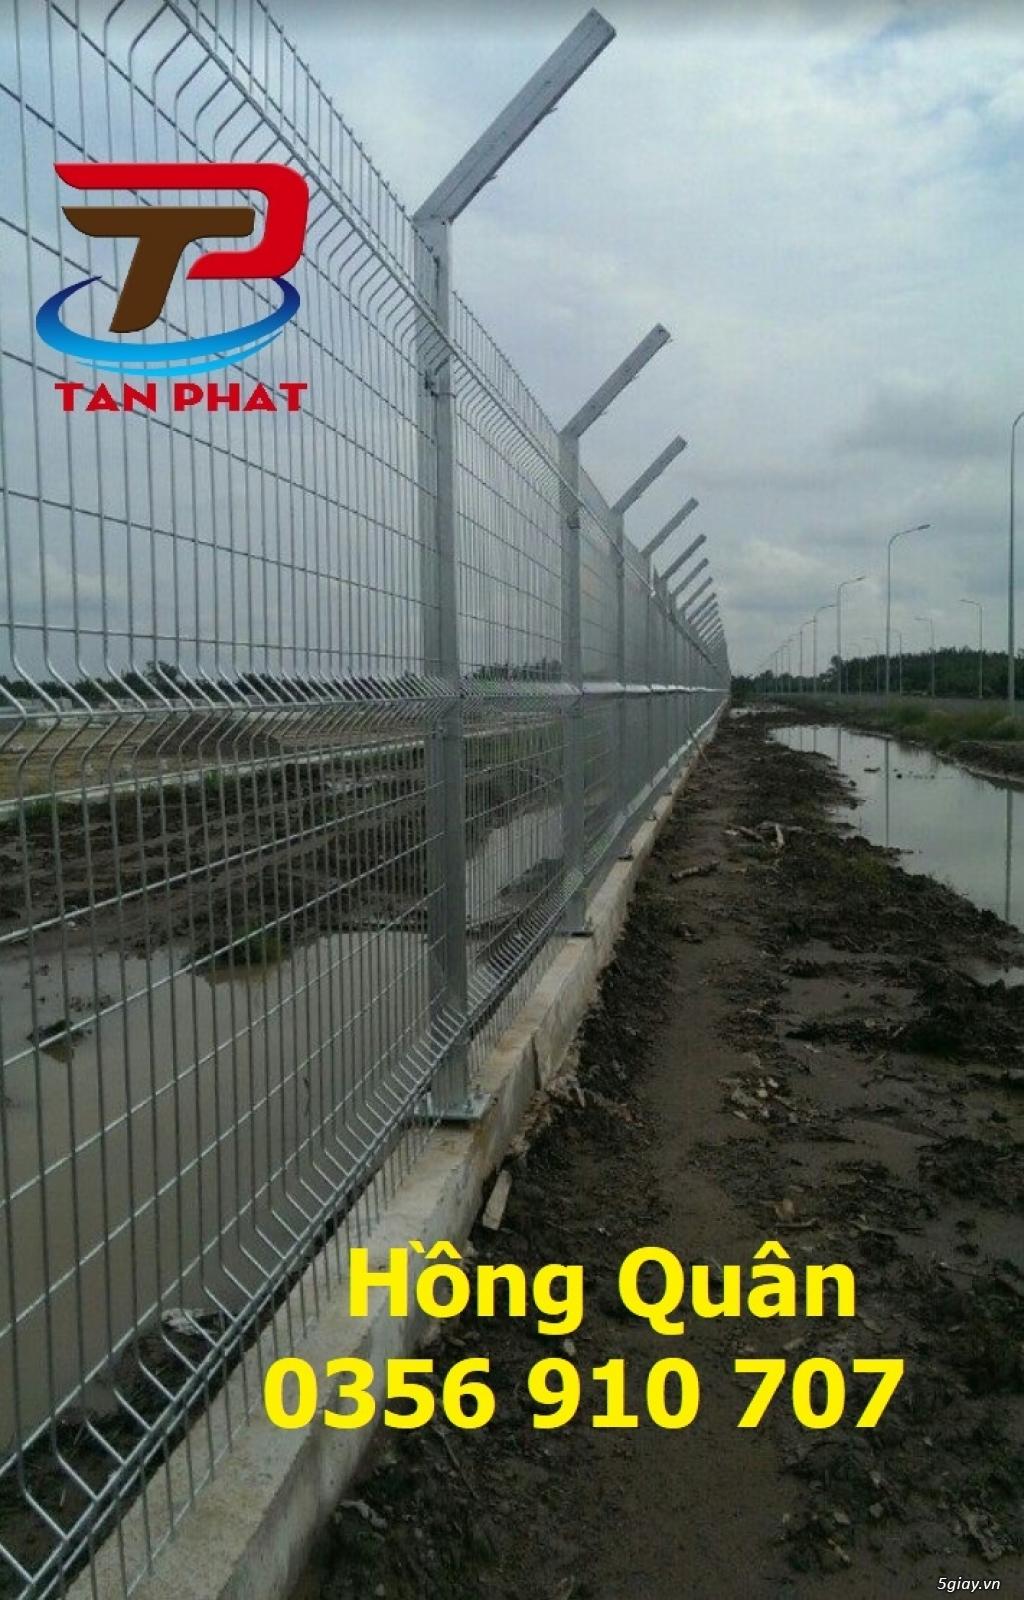 Hàng rào lưới thép hàn, hàng rào chắn sóng daay 4ly,5ly  mắt 50*200 - 3